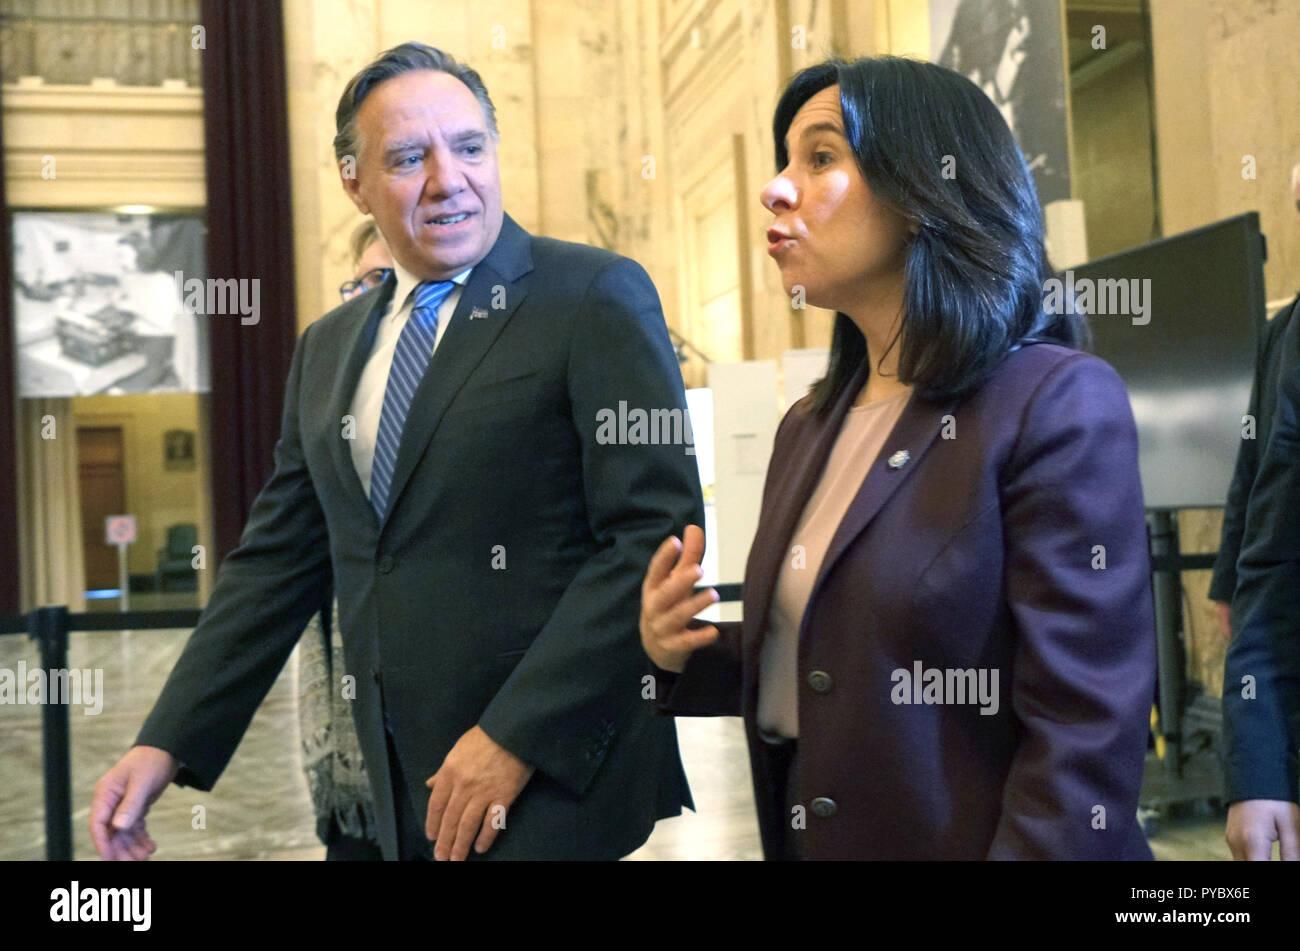 Montréal, Canada. 27 octobre 2018. Le Premier ministre élu François Legault avec le maire de Montréal, Valérie Plante lors d'une conférence de presse à l'hôtel de ville.Credit:Mario Beauregard/Alamy Live News Photo Stock